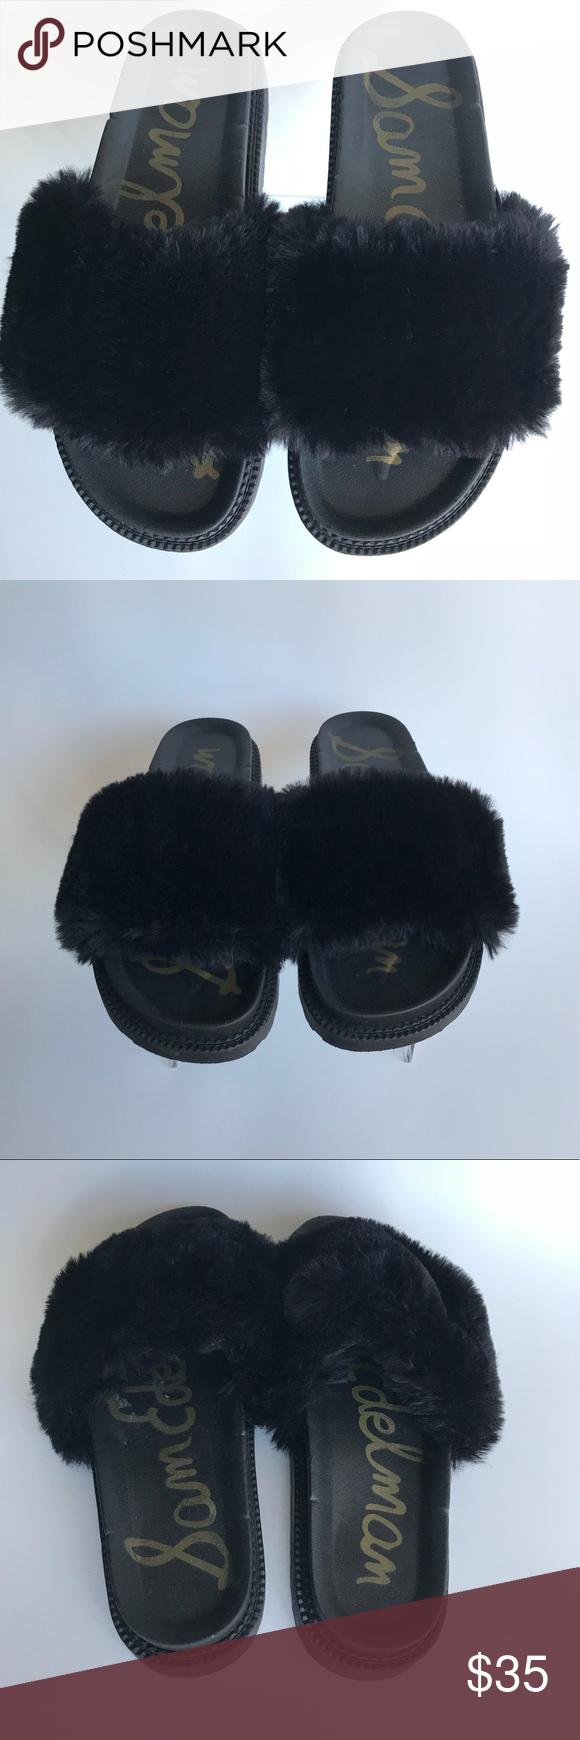 9b103a27c349 Sam Edelman Blair s Faux Fur Slide Sandal Sz 9 Sam Edelman Blaire Faux Fur  Slide Sandals